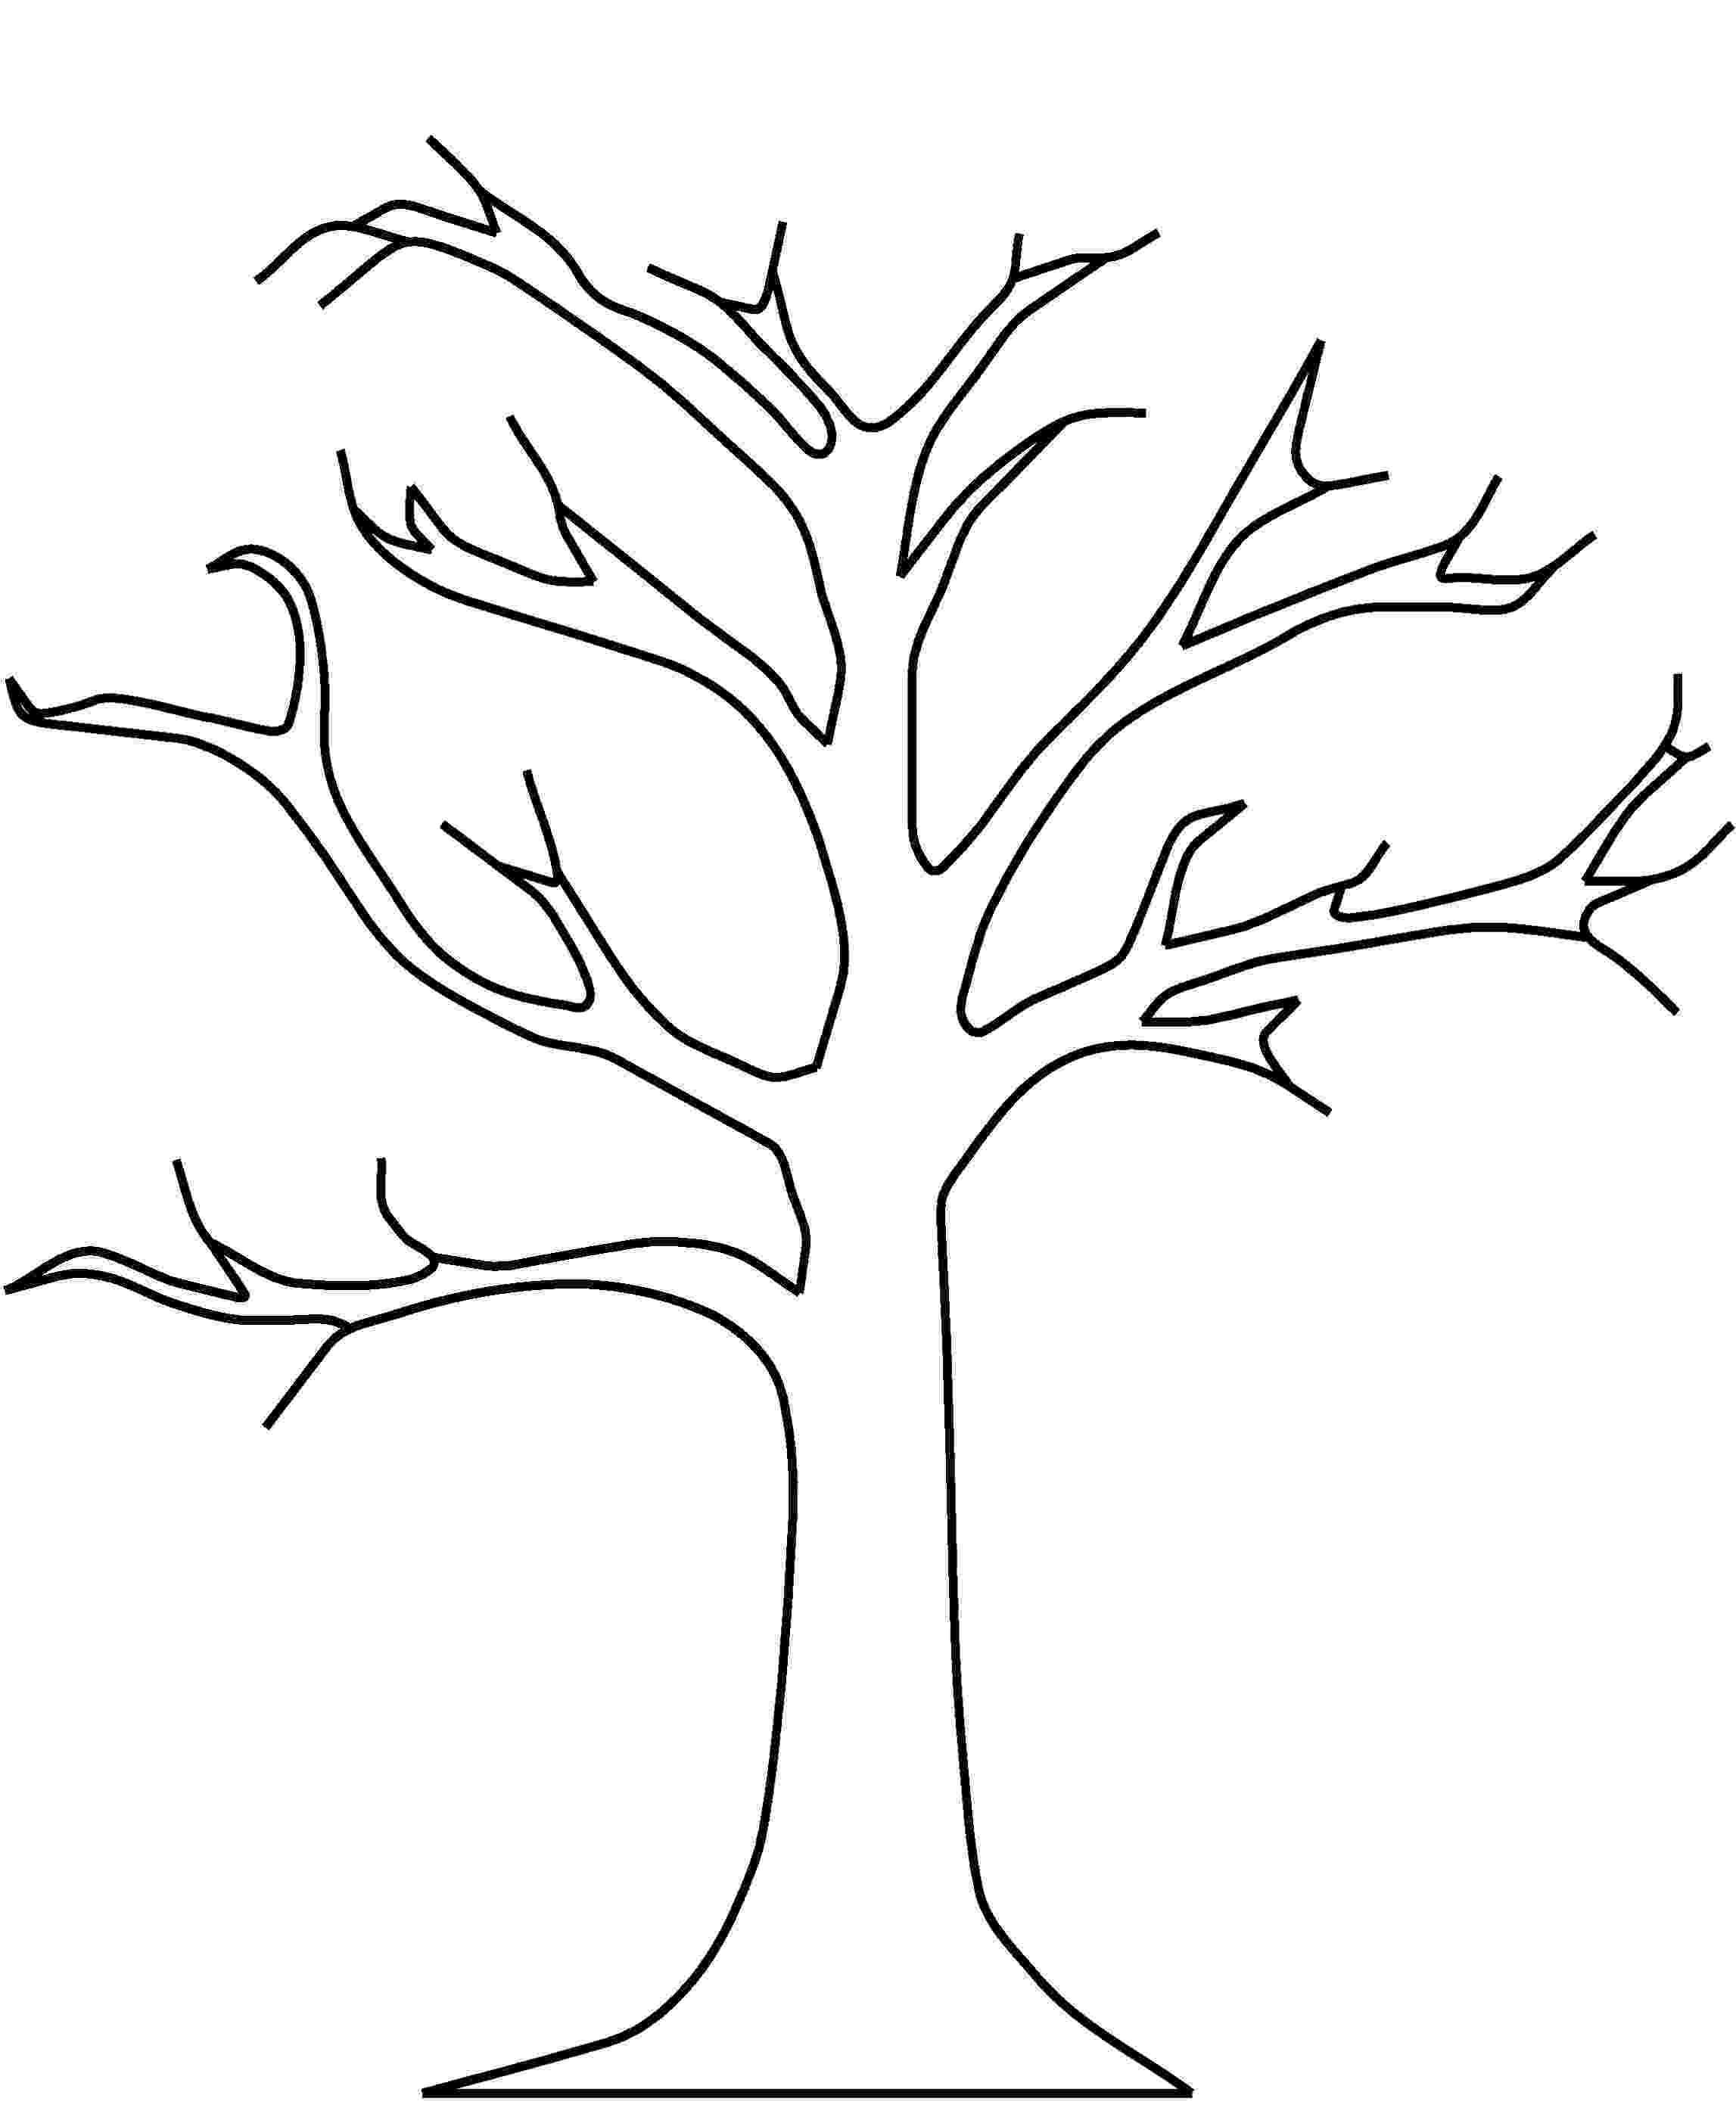 autumn tree coloring page autumn tree coloring page free printable coloring pages page tree coloring autumn